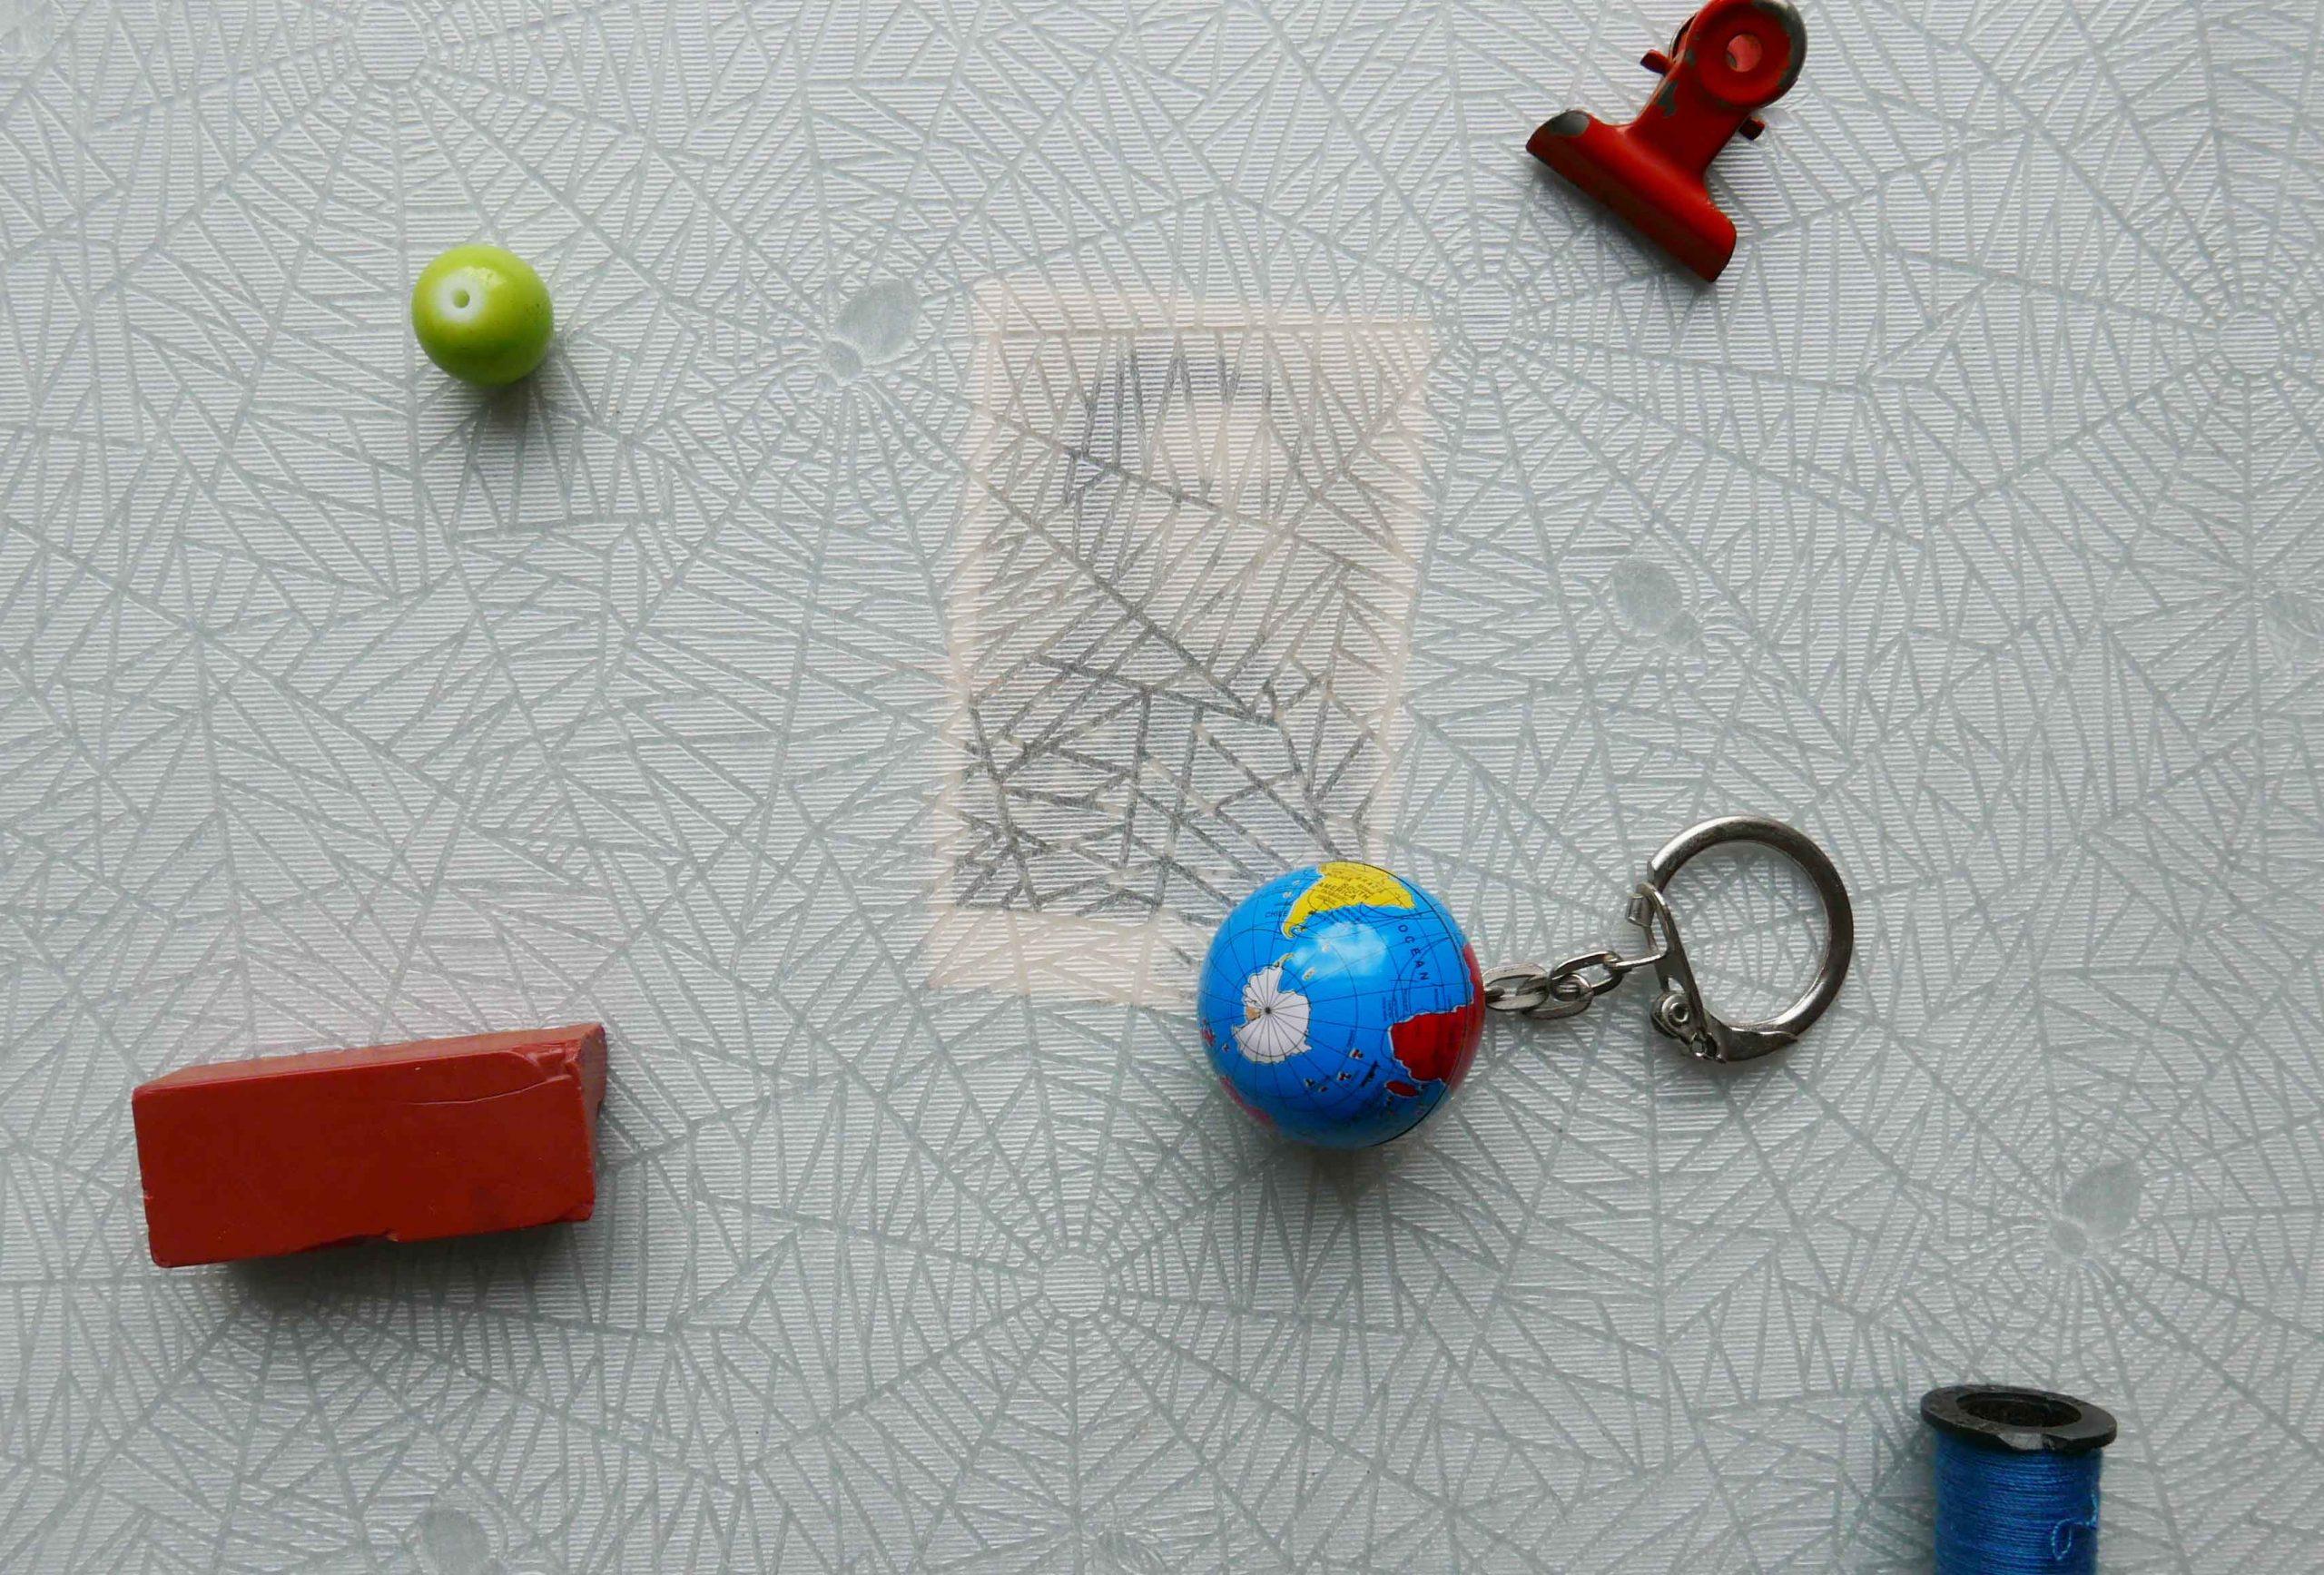 Minimalistischer Lebensstil und Digitalisierung kleine Objekte auf Seidenpapier